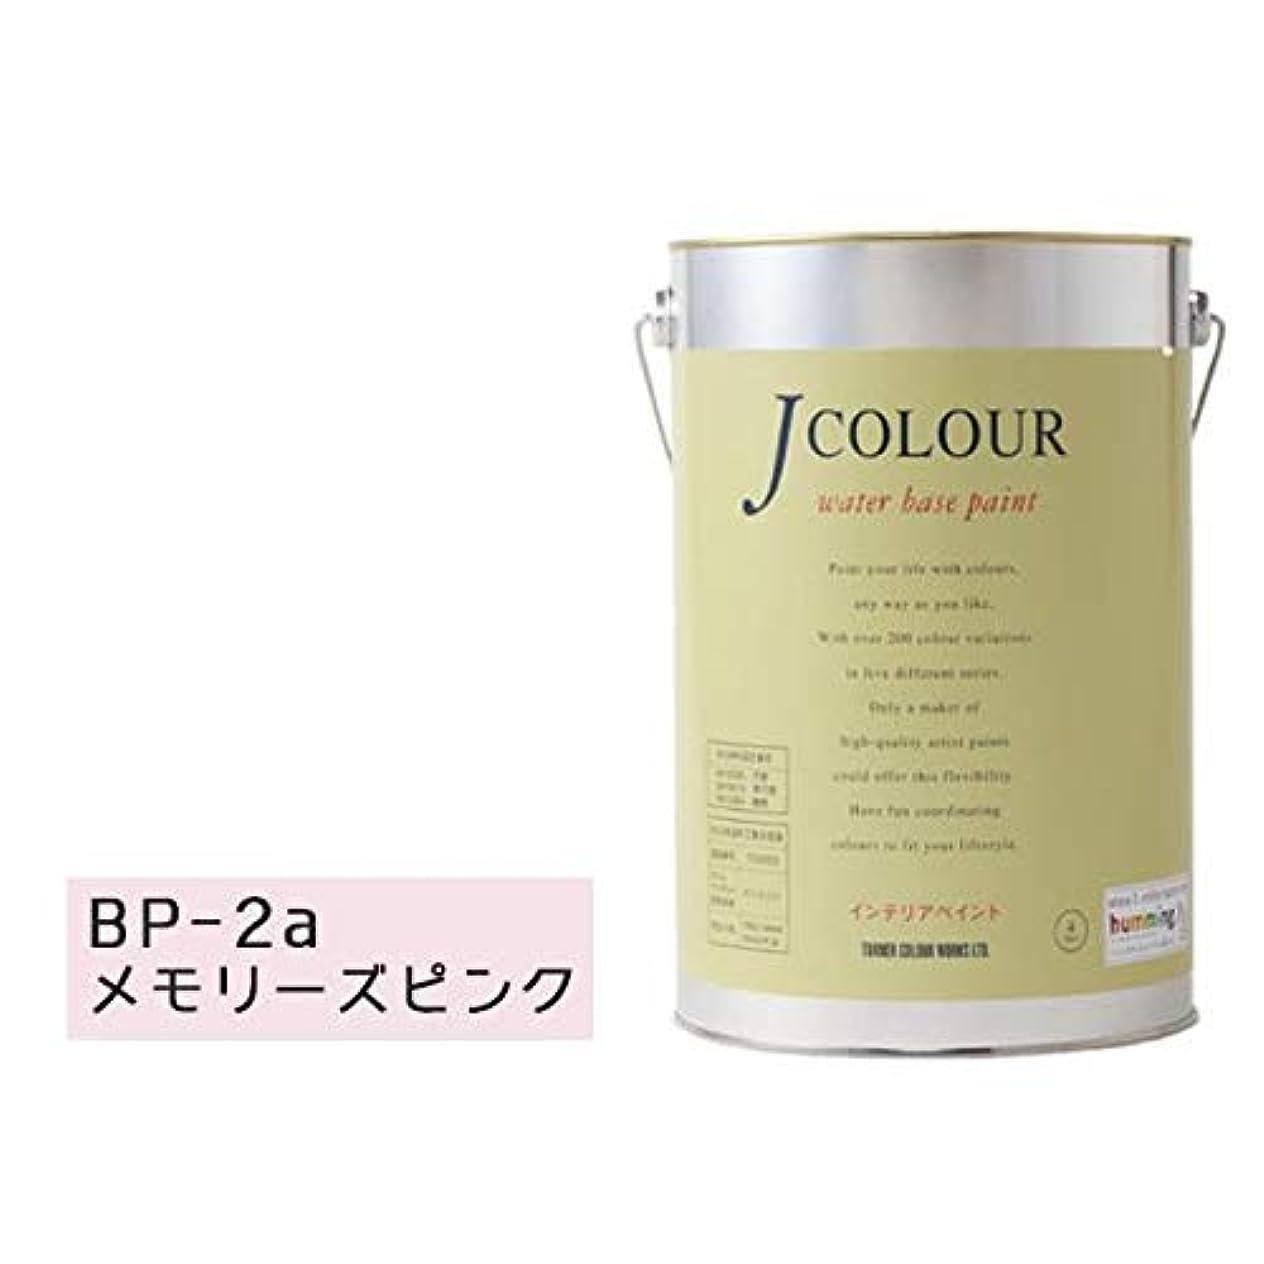 作動する前提条件強盗壁紙の上からでも簡単に塗れるインテリアペイント ターナー色彩 水性インテリアペイント Jカラー 4L メモリーズピンク JC40BP2A(BP-2a) 〈簡易梱包